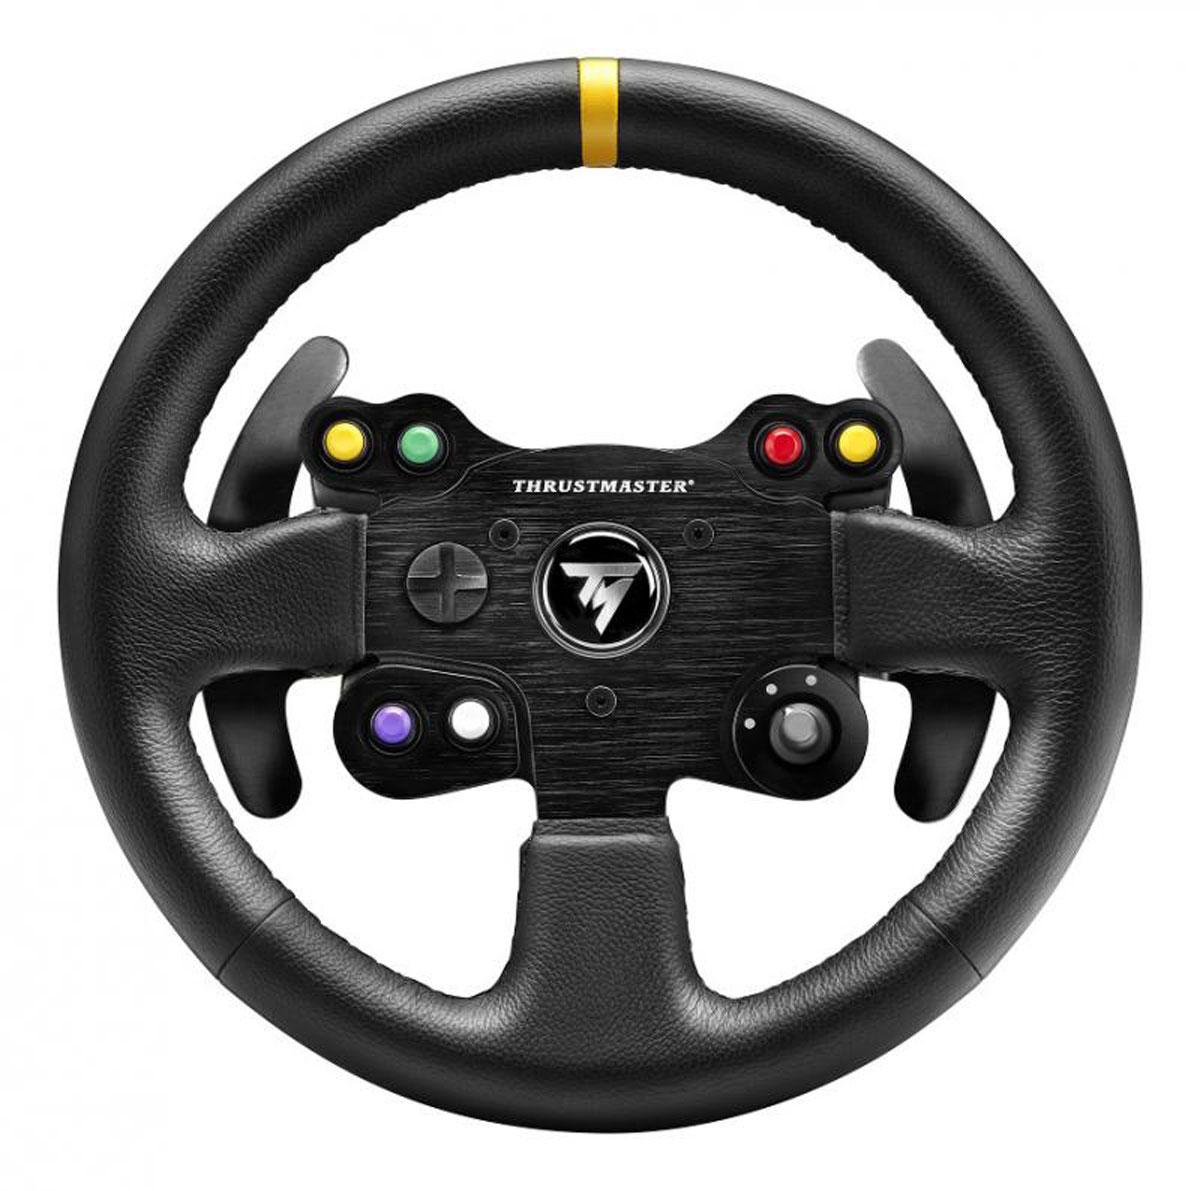 Thrustmaster TM Leather 28GT Wheel Add-On, Black руль4060057Съемный руль Thrustmaster TM Leather 28GT Wheel Add-On стиля GT, обтянутый простроченной вручную кожей. Совместимый со всеми рулевыми системами Thrustmaster T-Series (T300 RS / T300 Ferrari GTE / T500 RS / Ferrari F1 Wheel Integral T500 / TX Racing Wheel Ferrari 458 Italia Edition) Фирменное кожаное покрытие с ручной прострочкой по всей поверхности руля (реалистичное ощущение). Конструкция руля соответствует стандартам автомобильной отрасли и отличается полиуретановой заливкой (больший комфорт и упругое ощущение захвата) и внутренним стальным кольцом (в частности, для оптимальной передачи гоночных ощущений и эффектов силовой обратной связи).Диаметр 28 см Вес всего 1 кг! (суперчувствительная инерция и силовая обратная связь)Полный спектр гоночных регуляторов2 лепестковых переключателя на руле 6 удобных функциональных кнопок с четкими обозначениями 3-позиционный регулятор с нажимной кнопкой в центре Многопозиционная кнопка2 больших секвенционных переключателя-лепестка на рулеЗакрепленныые лепестки-переключатели перемещаются вместе с рулем 13 см в высоту Выполнены из шероховатого металла 2-мм толщины + металлическая краска Суперклассная тактовая кнопка (жизненный цикл более 10 миллионов включений)